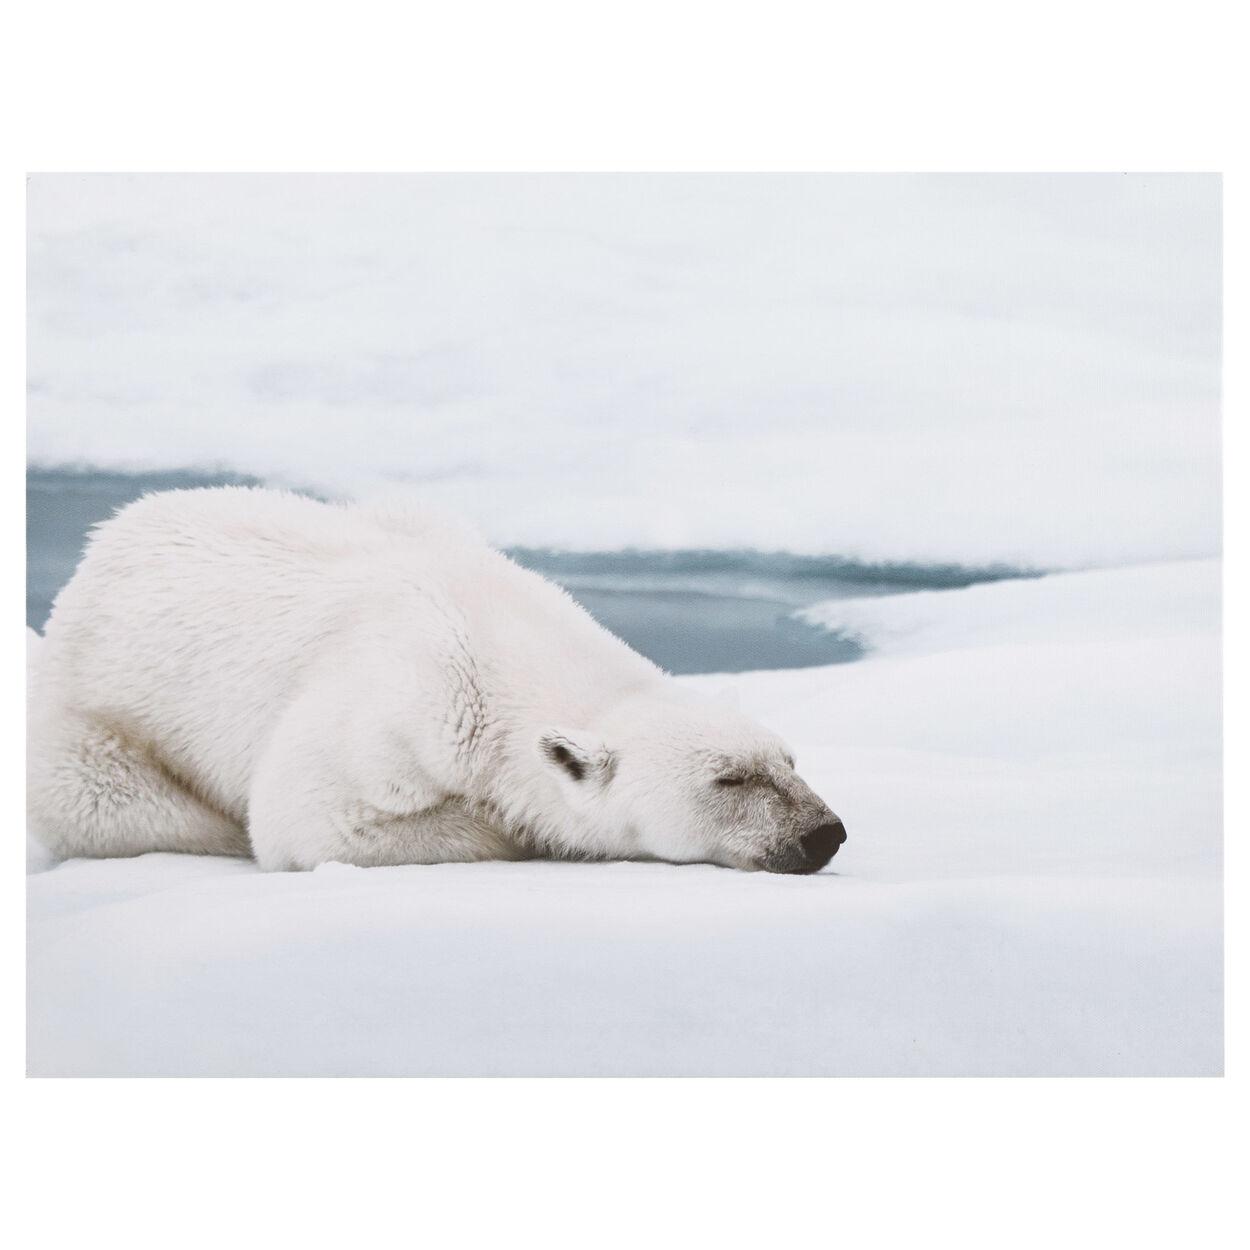 Sleepy Polar Bear Printed Canvas